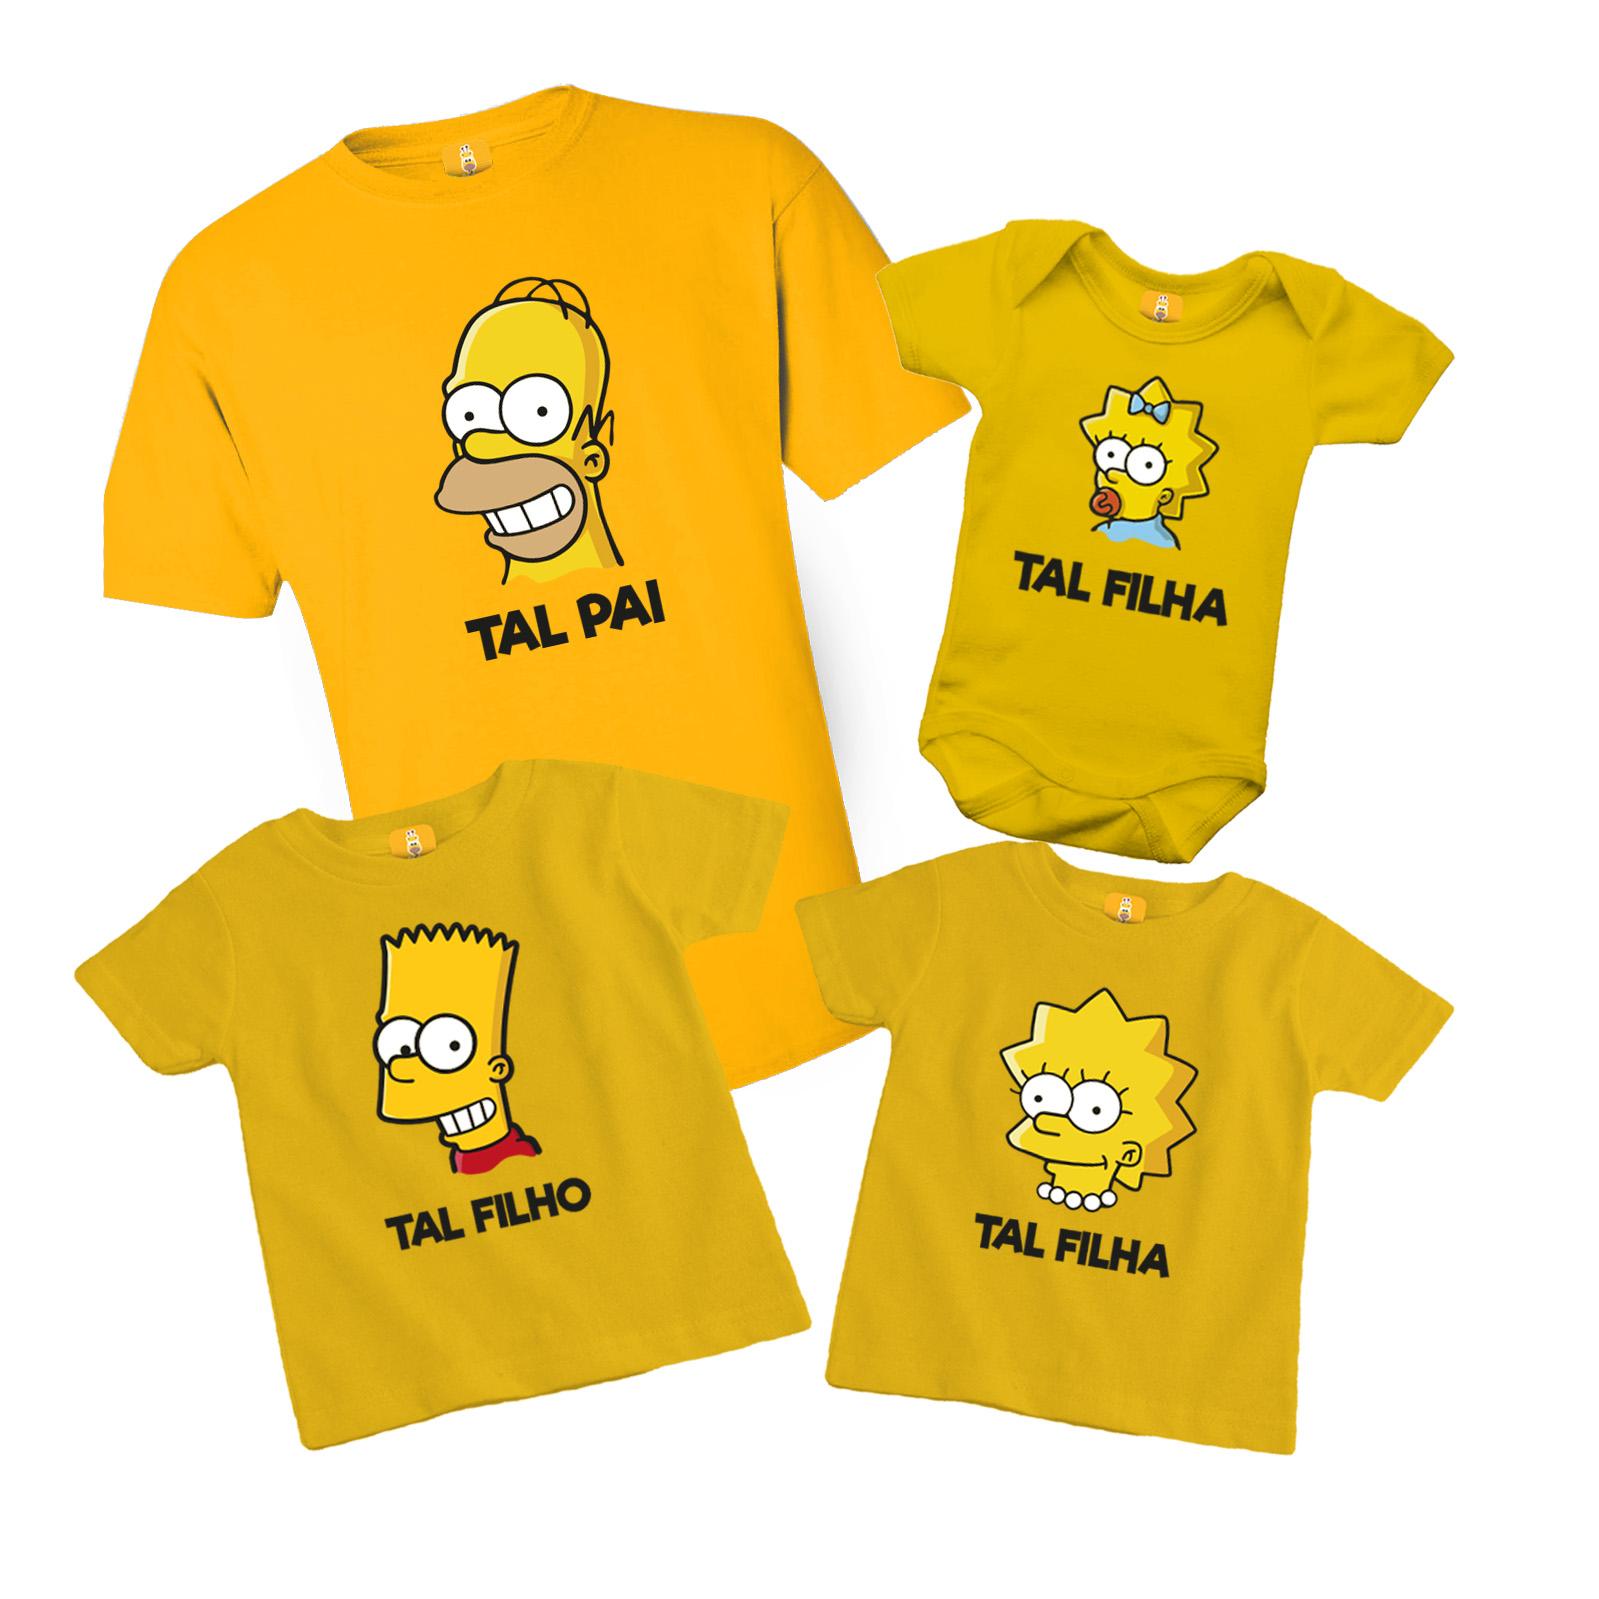 Kit Camiseta e Body - Tal Pai Tal Filhos - Simpsons Bart, Lisa e Meg